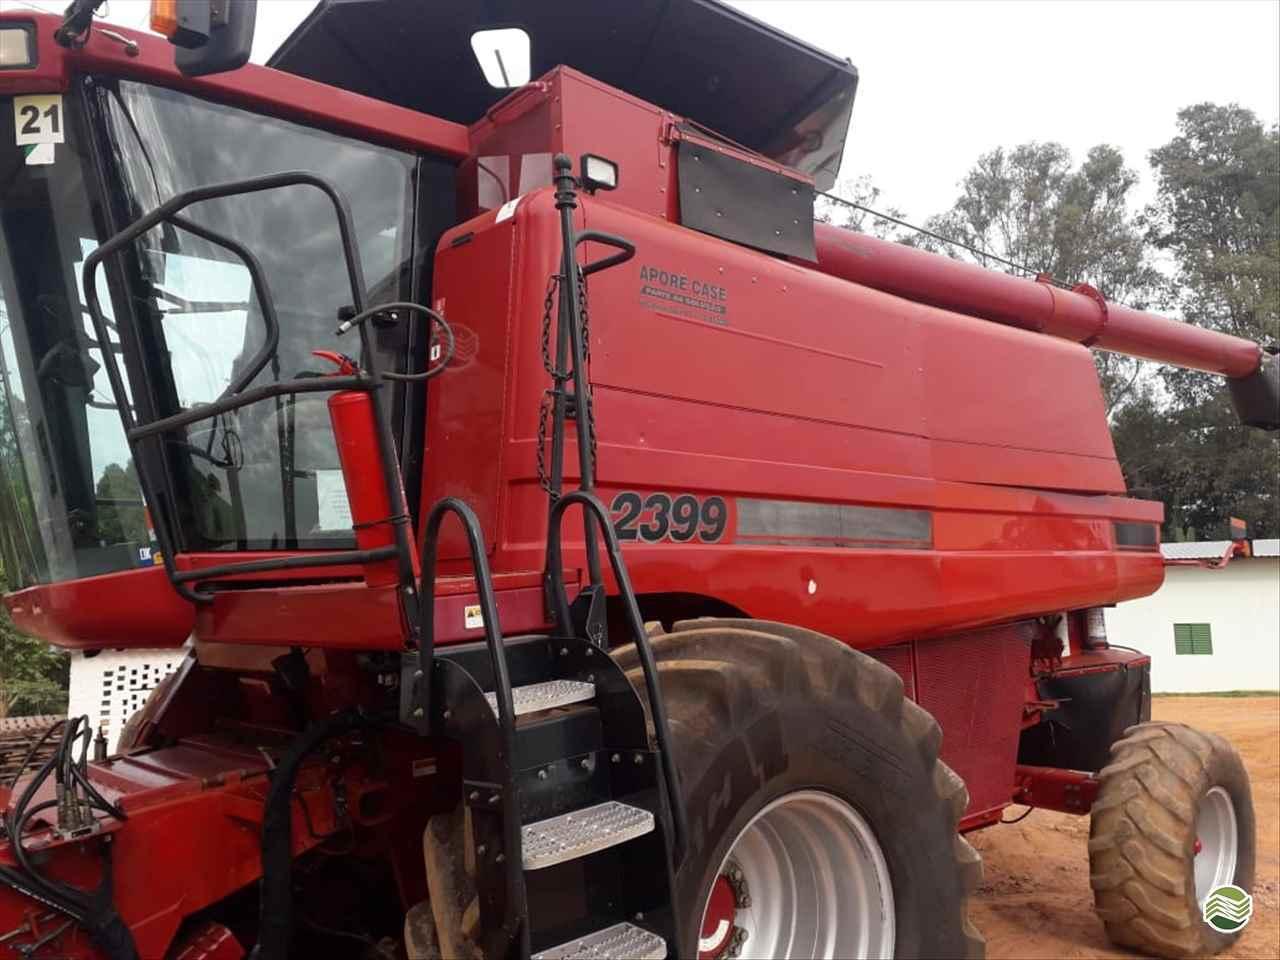 COLHEITADEIRA CASE CASE 2399 Dalpasquale Agro CAMPO GRANDE MATO GROSSO DO SUL MS